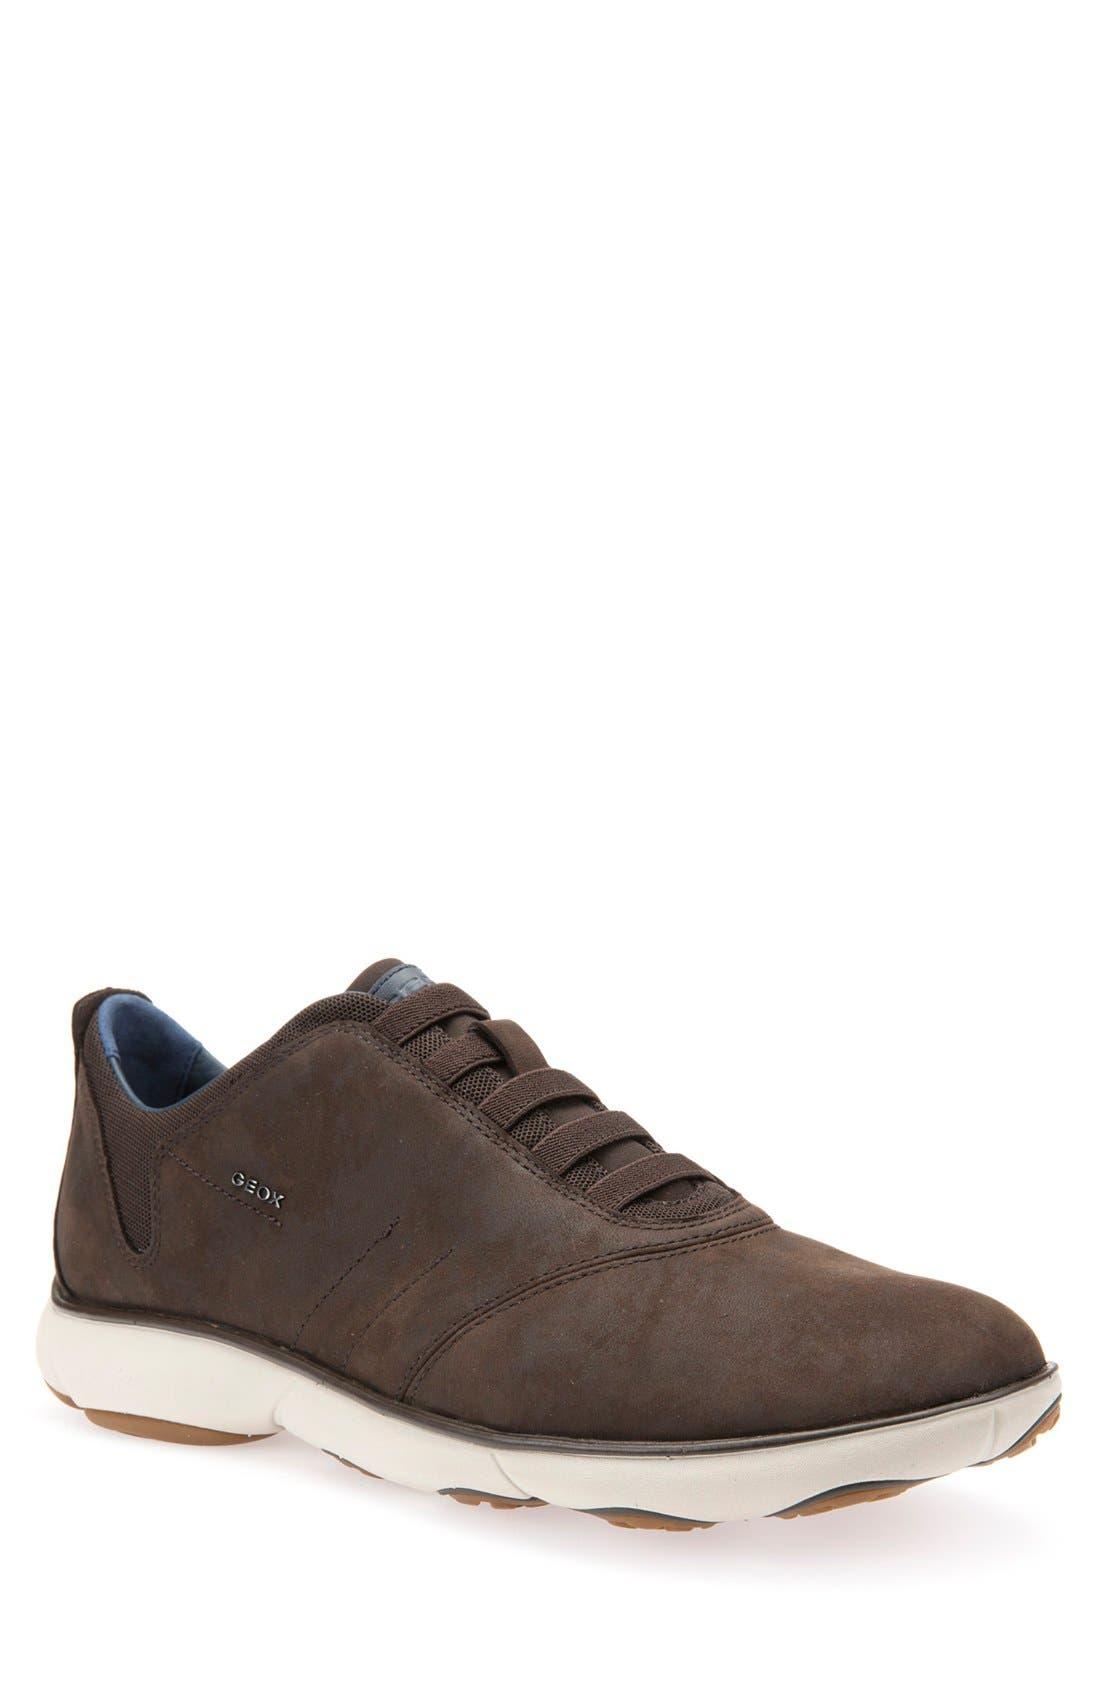 GEOX 'Nebula 23' Slip-On Sneaker